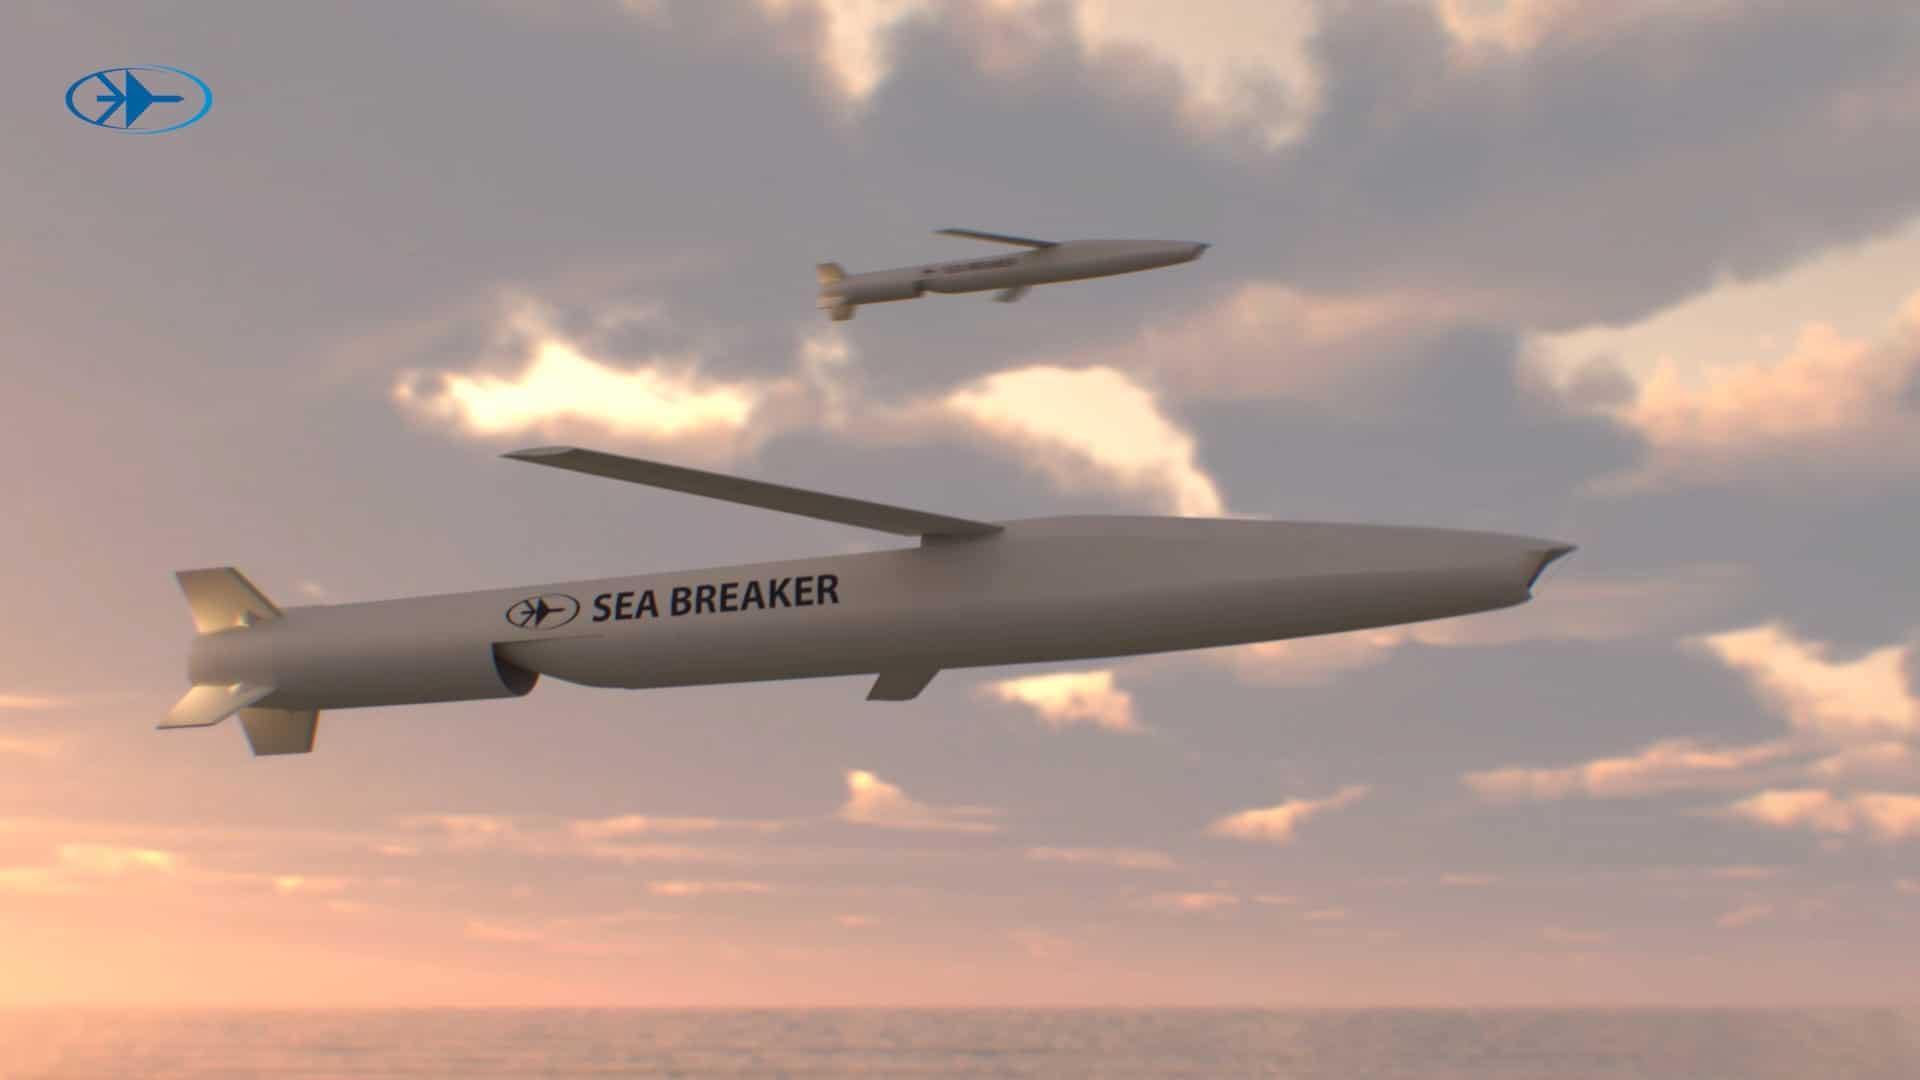 Sea Breaker